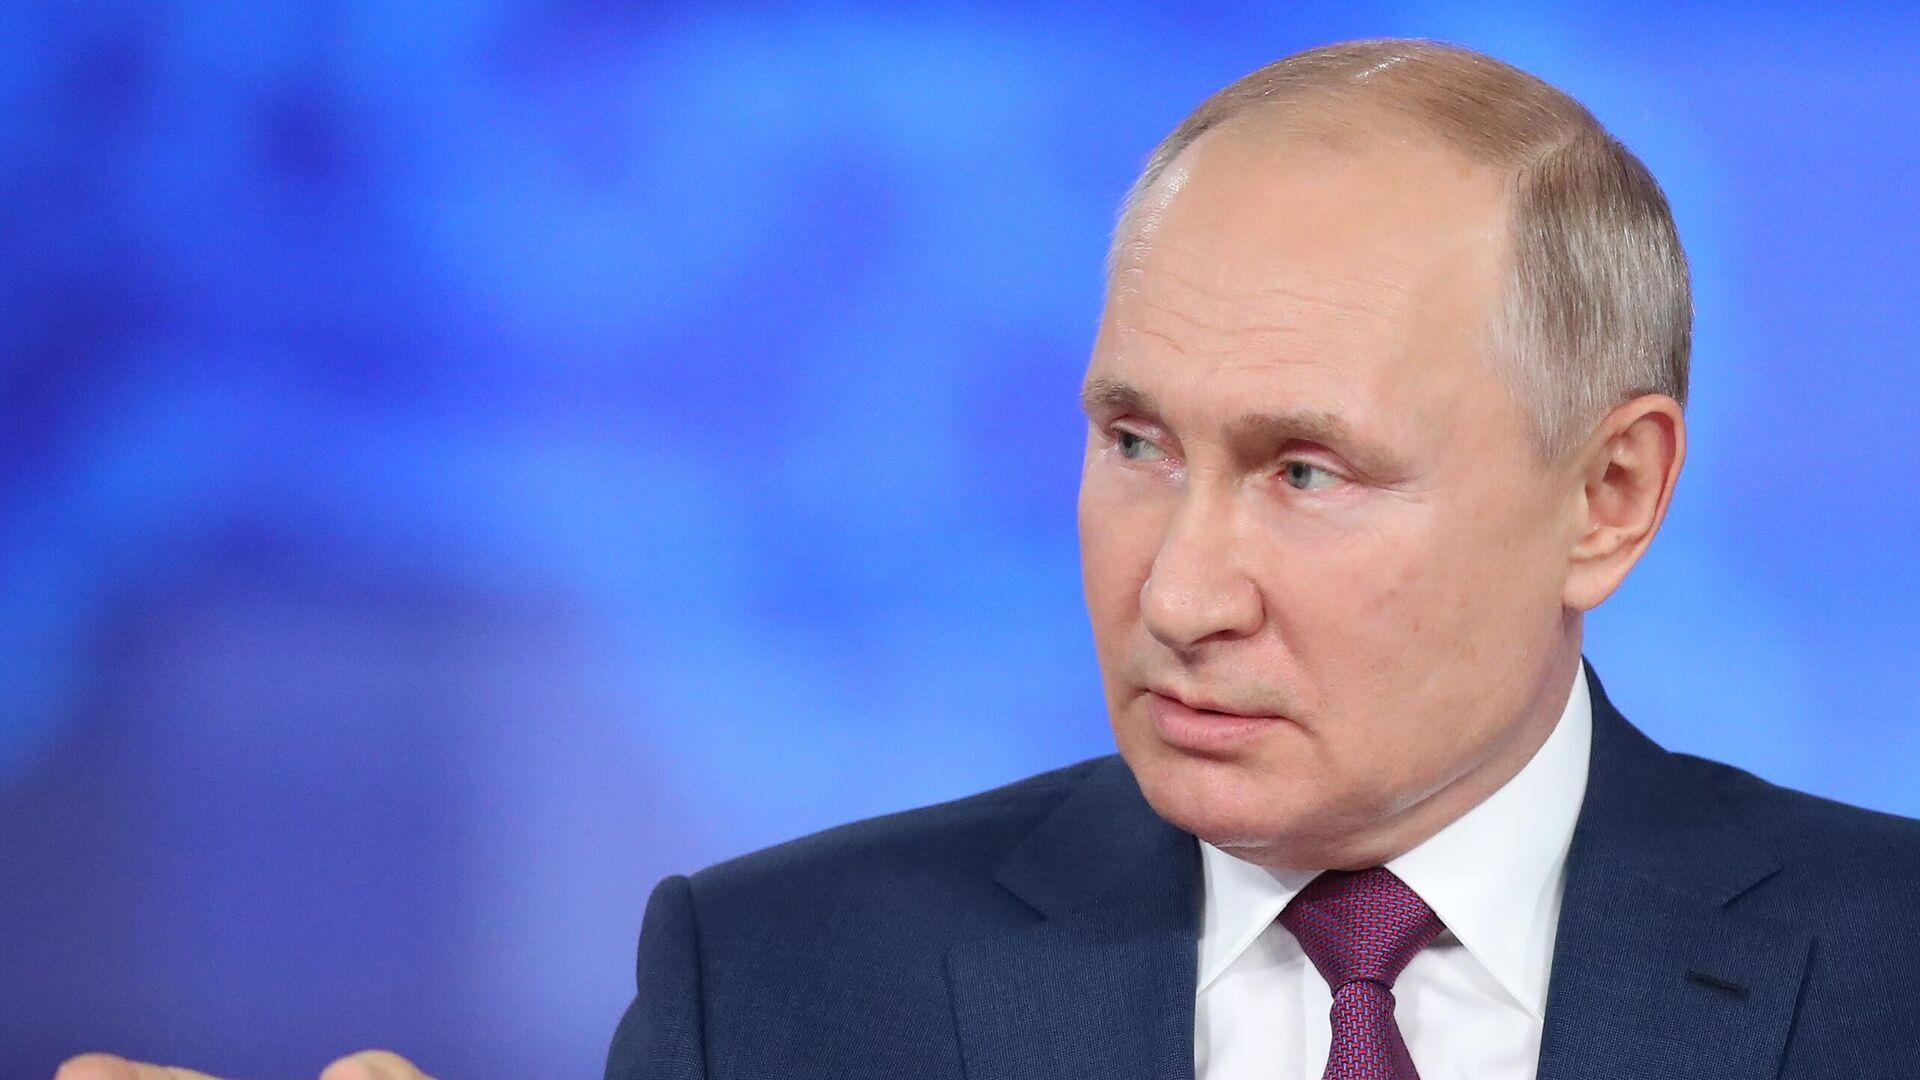 La linea diretta con Vladimir Putin - Sputnik Italia, 1920, 12.07.2021